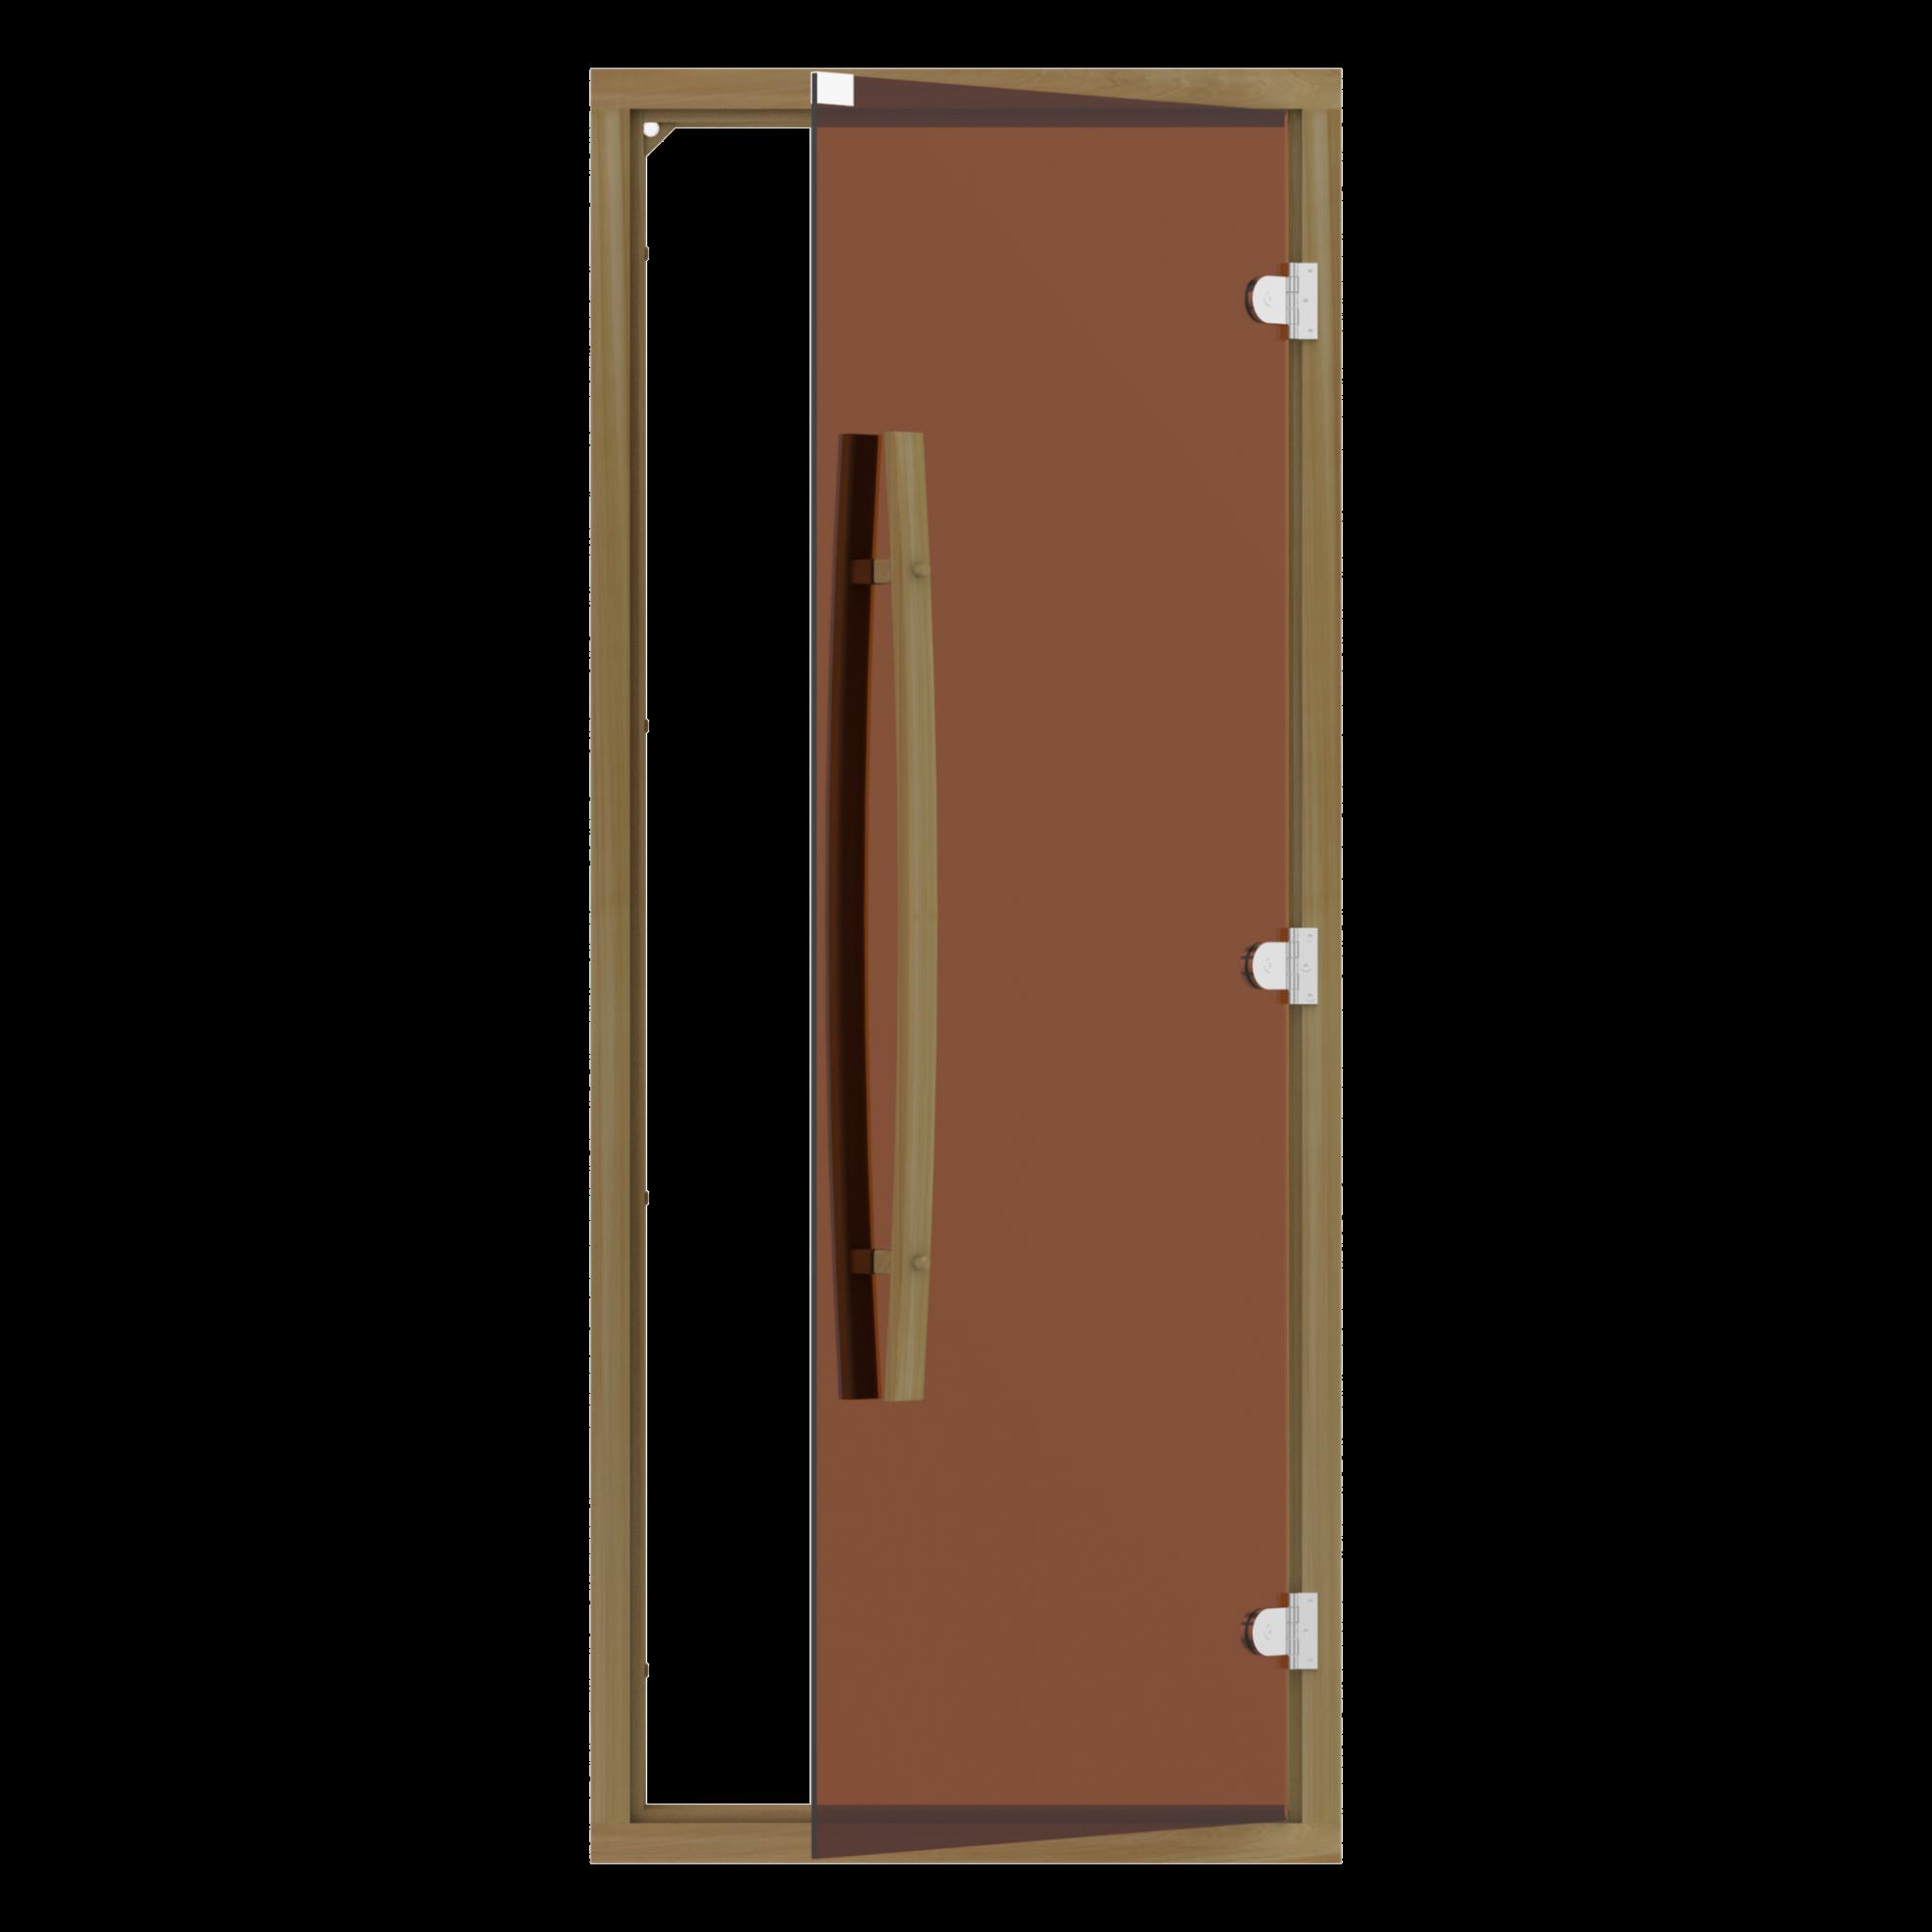 Двери: Комплект двери с бронзовым стеклом SAWO 742-4SGD-1 (с порогом, кедр, изогнутая ручка) двери для сауны ярославль